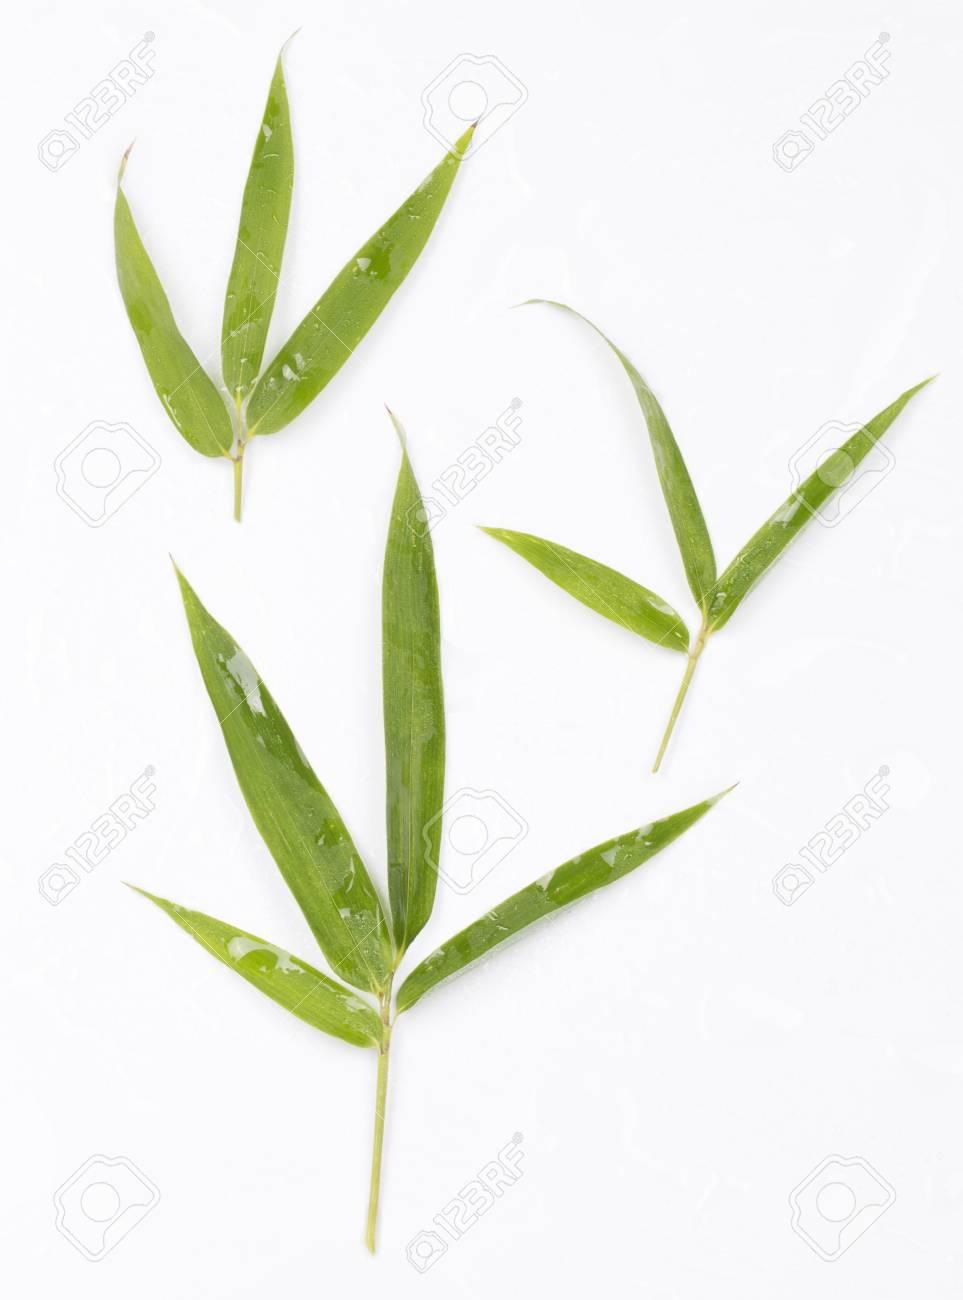 Foglia Di Bamb.Foglia Di Bambu Fresca Su Fondo Bianco